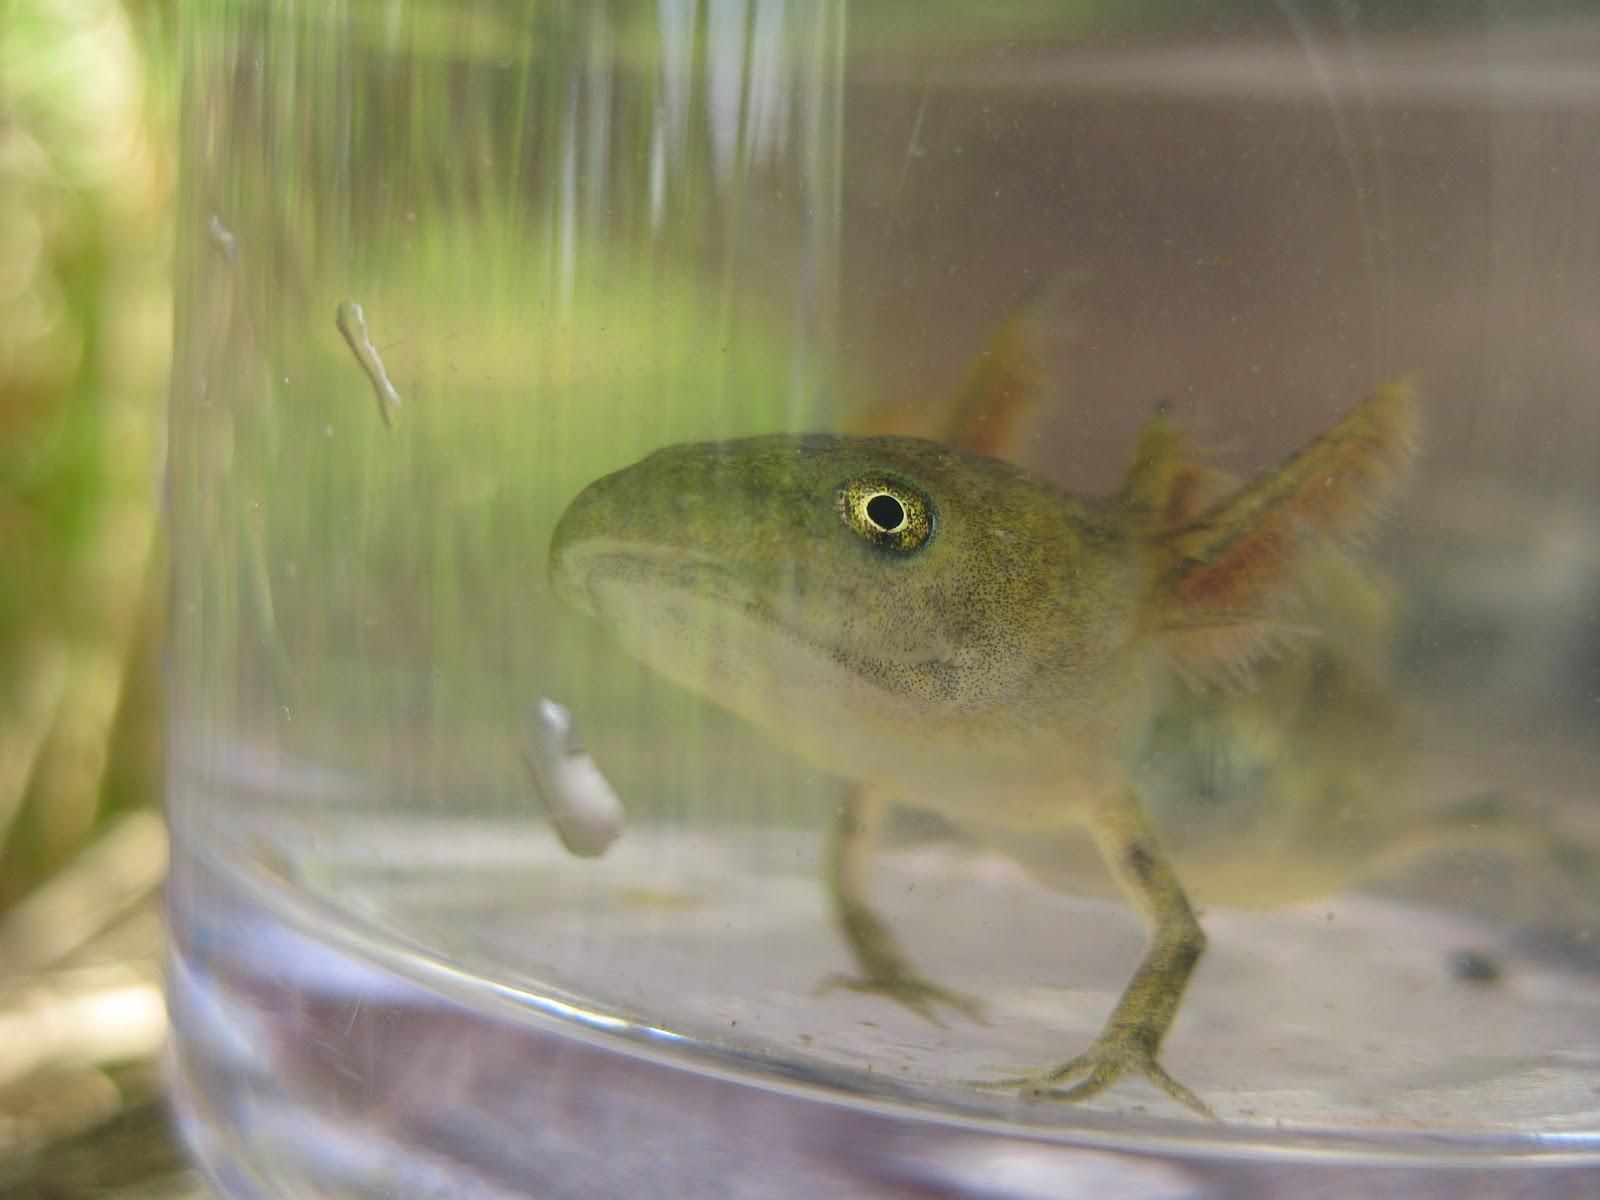 Смогла разгадать голая кожа помогает лягушке дышать ваша совесть